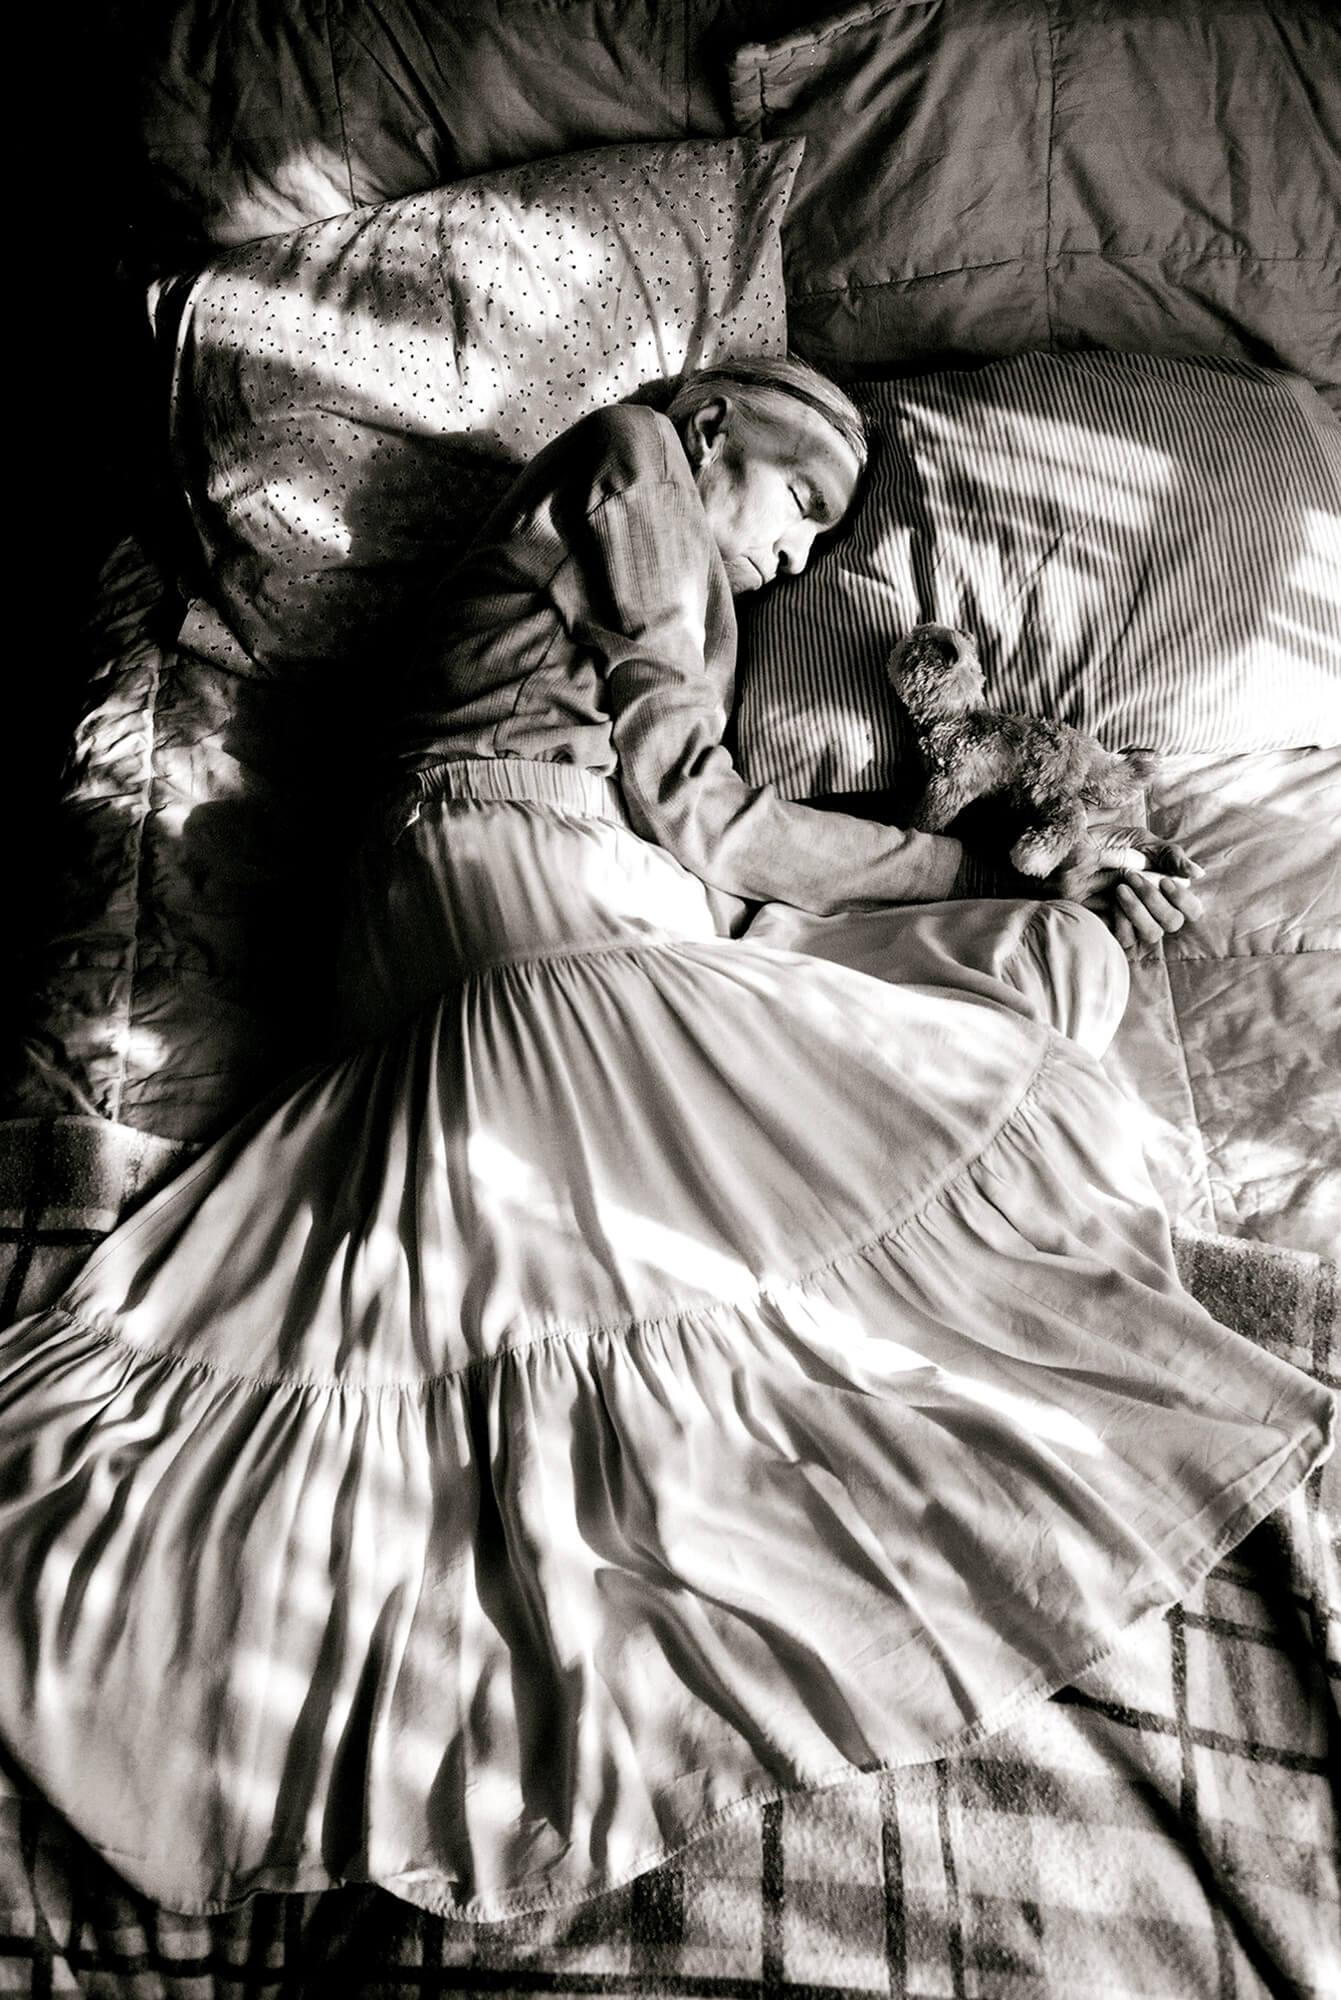 Steber_Sleeping-Beauty_Madje-has-dementia